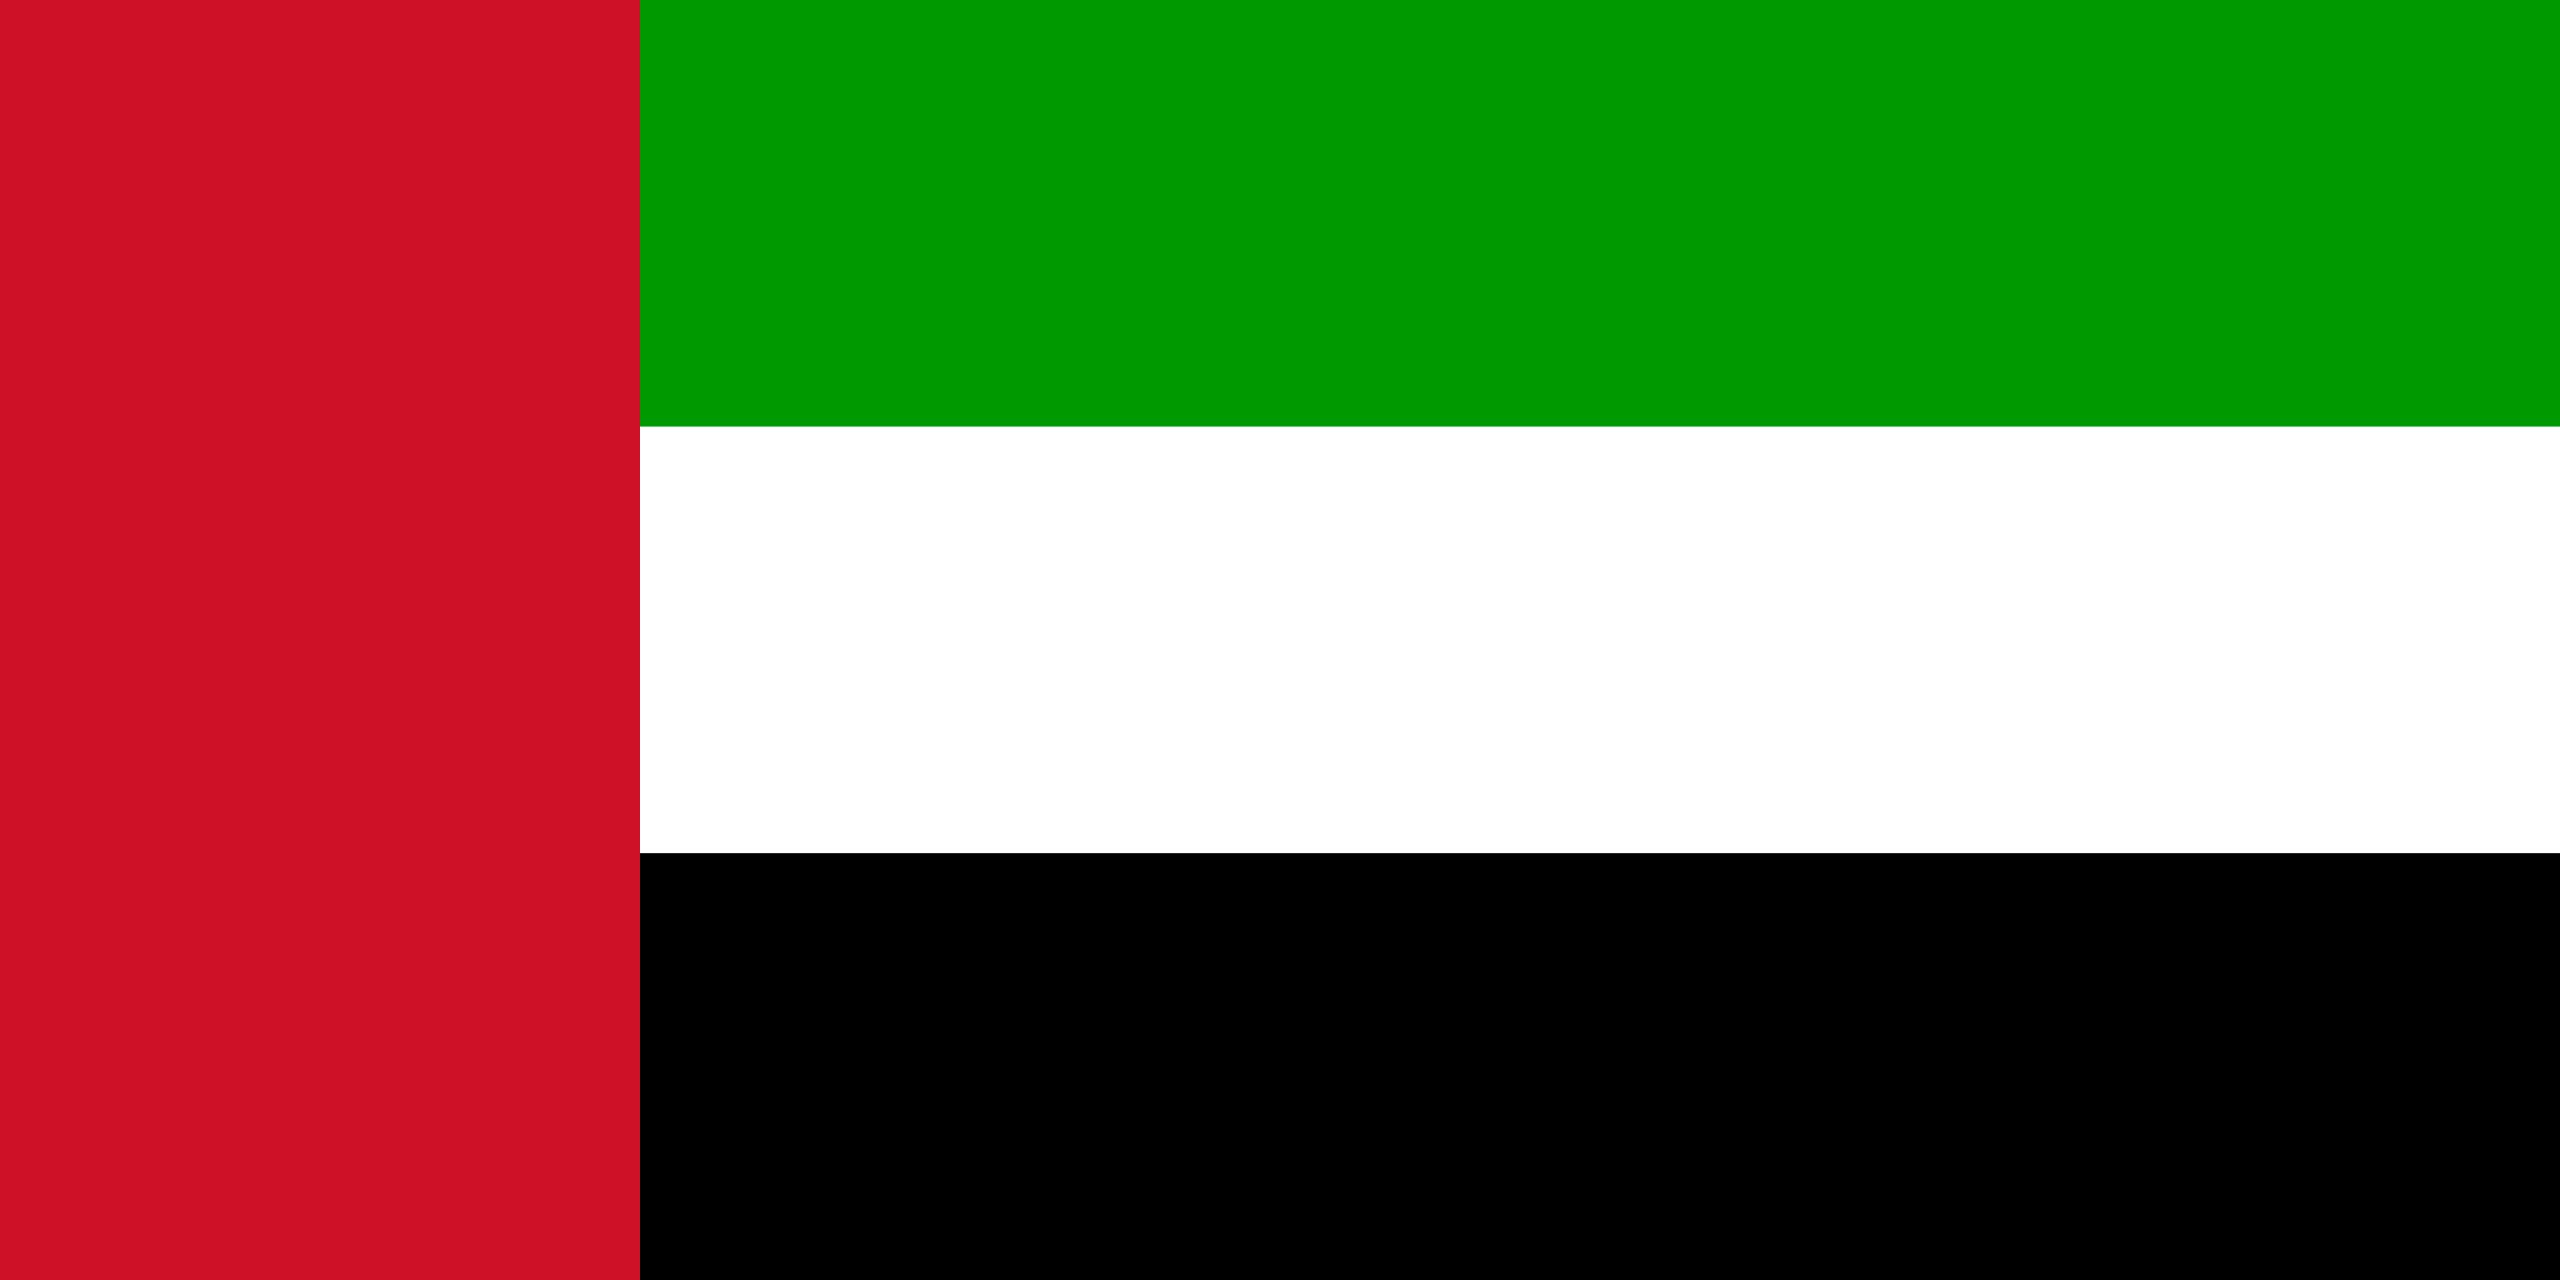 emiratos arabes unidos, paese, emblema, logo, simbolo - Sfondi HD - Professor-falken.com